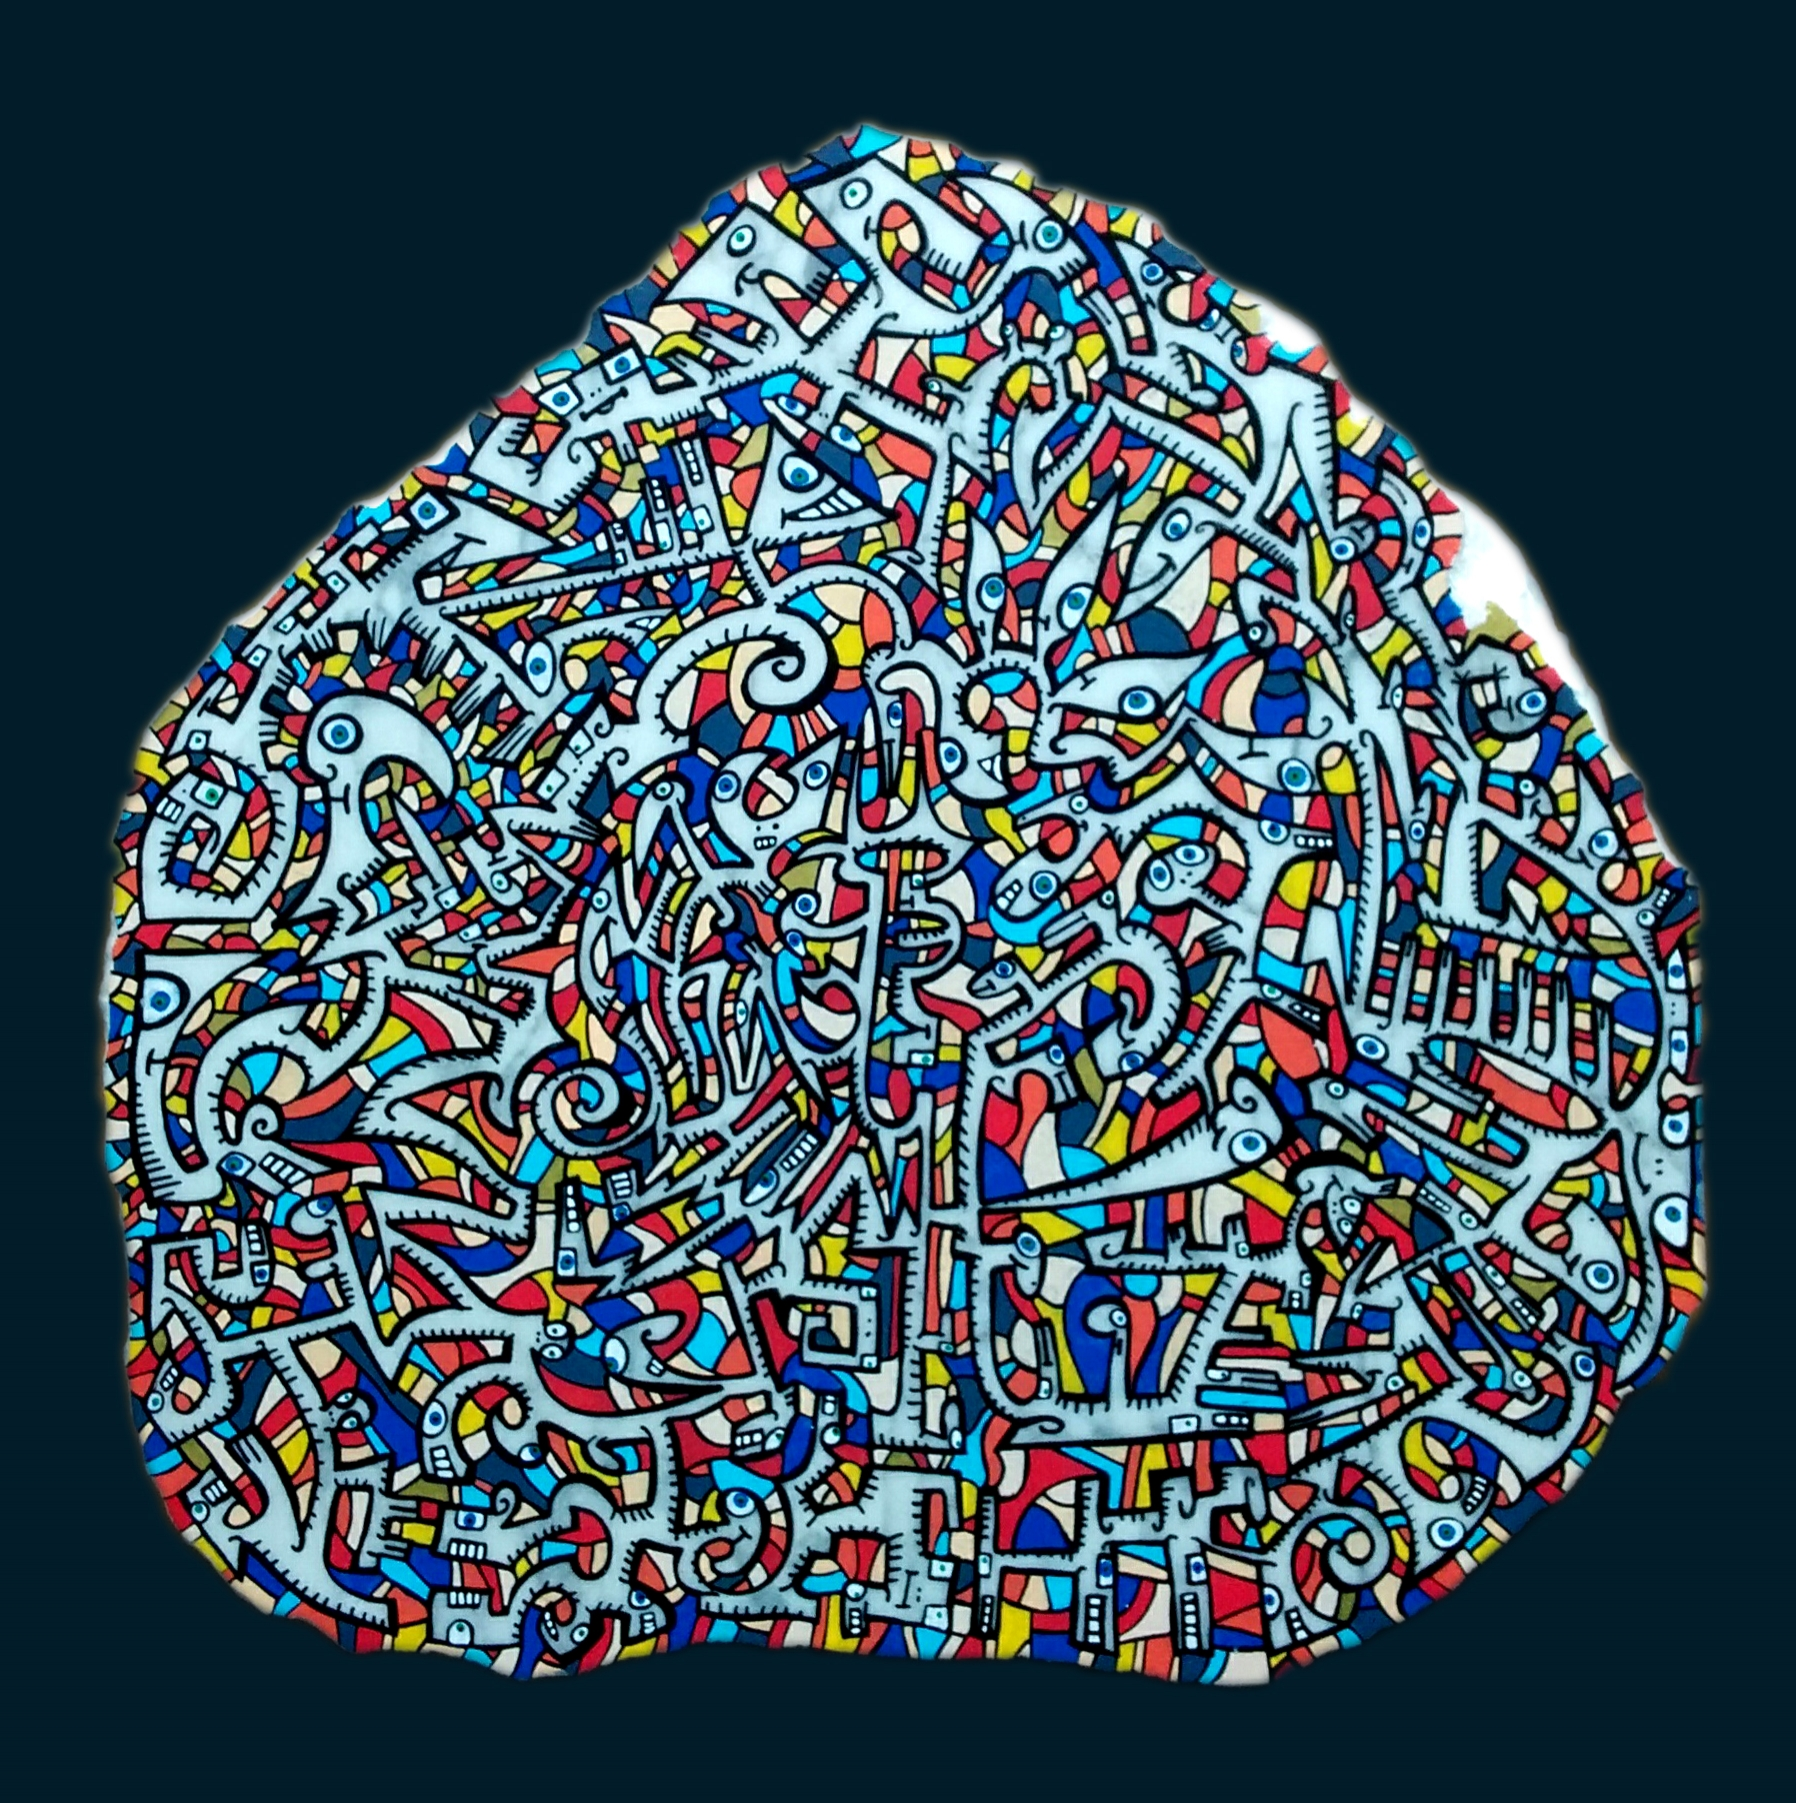 Marbre n°24/ taille : 36x34 cm/ épaisseur : 3cm/ feutres acrylique/ finition vernis satin/ 2015/ prix : 300 euros